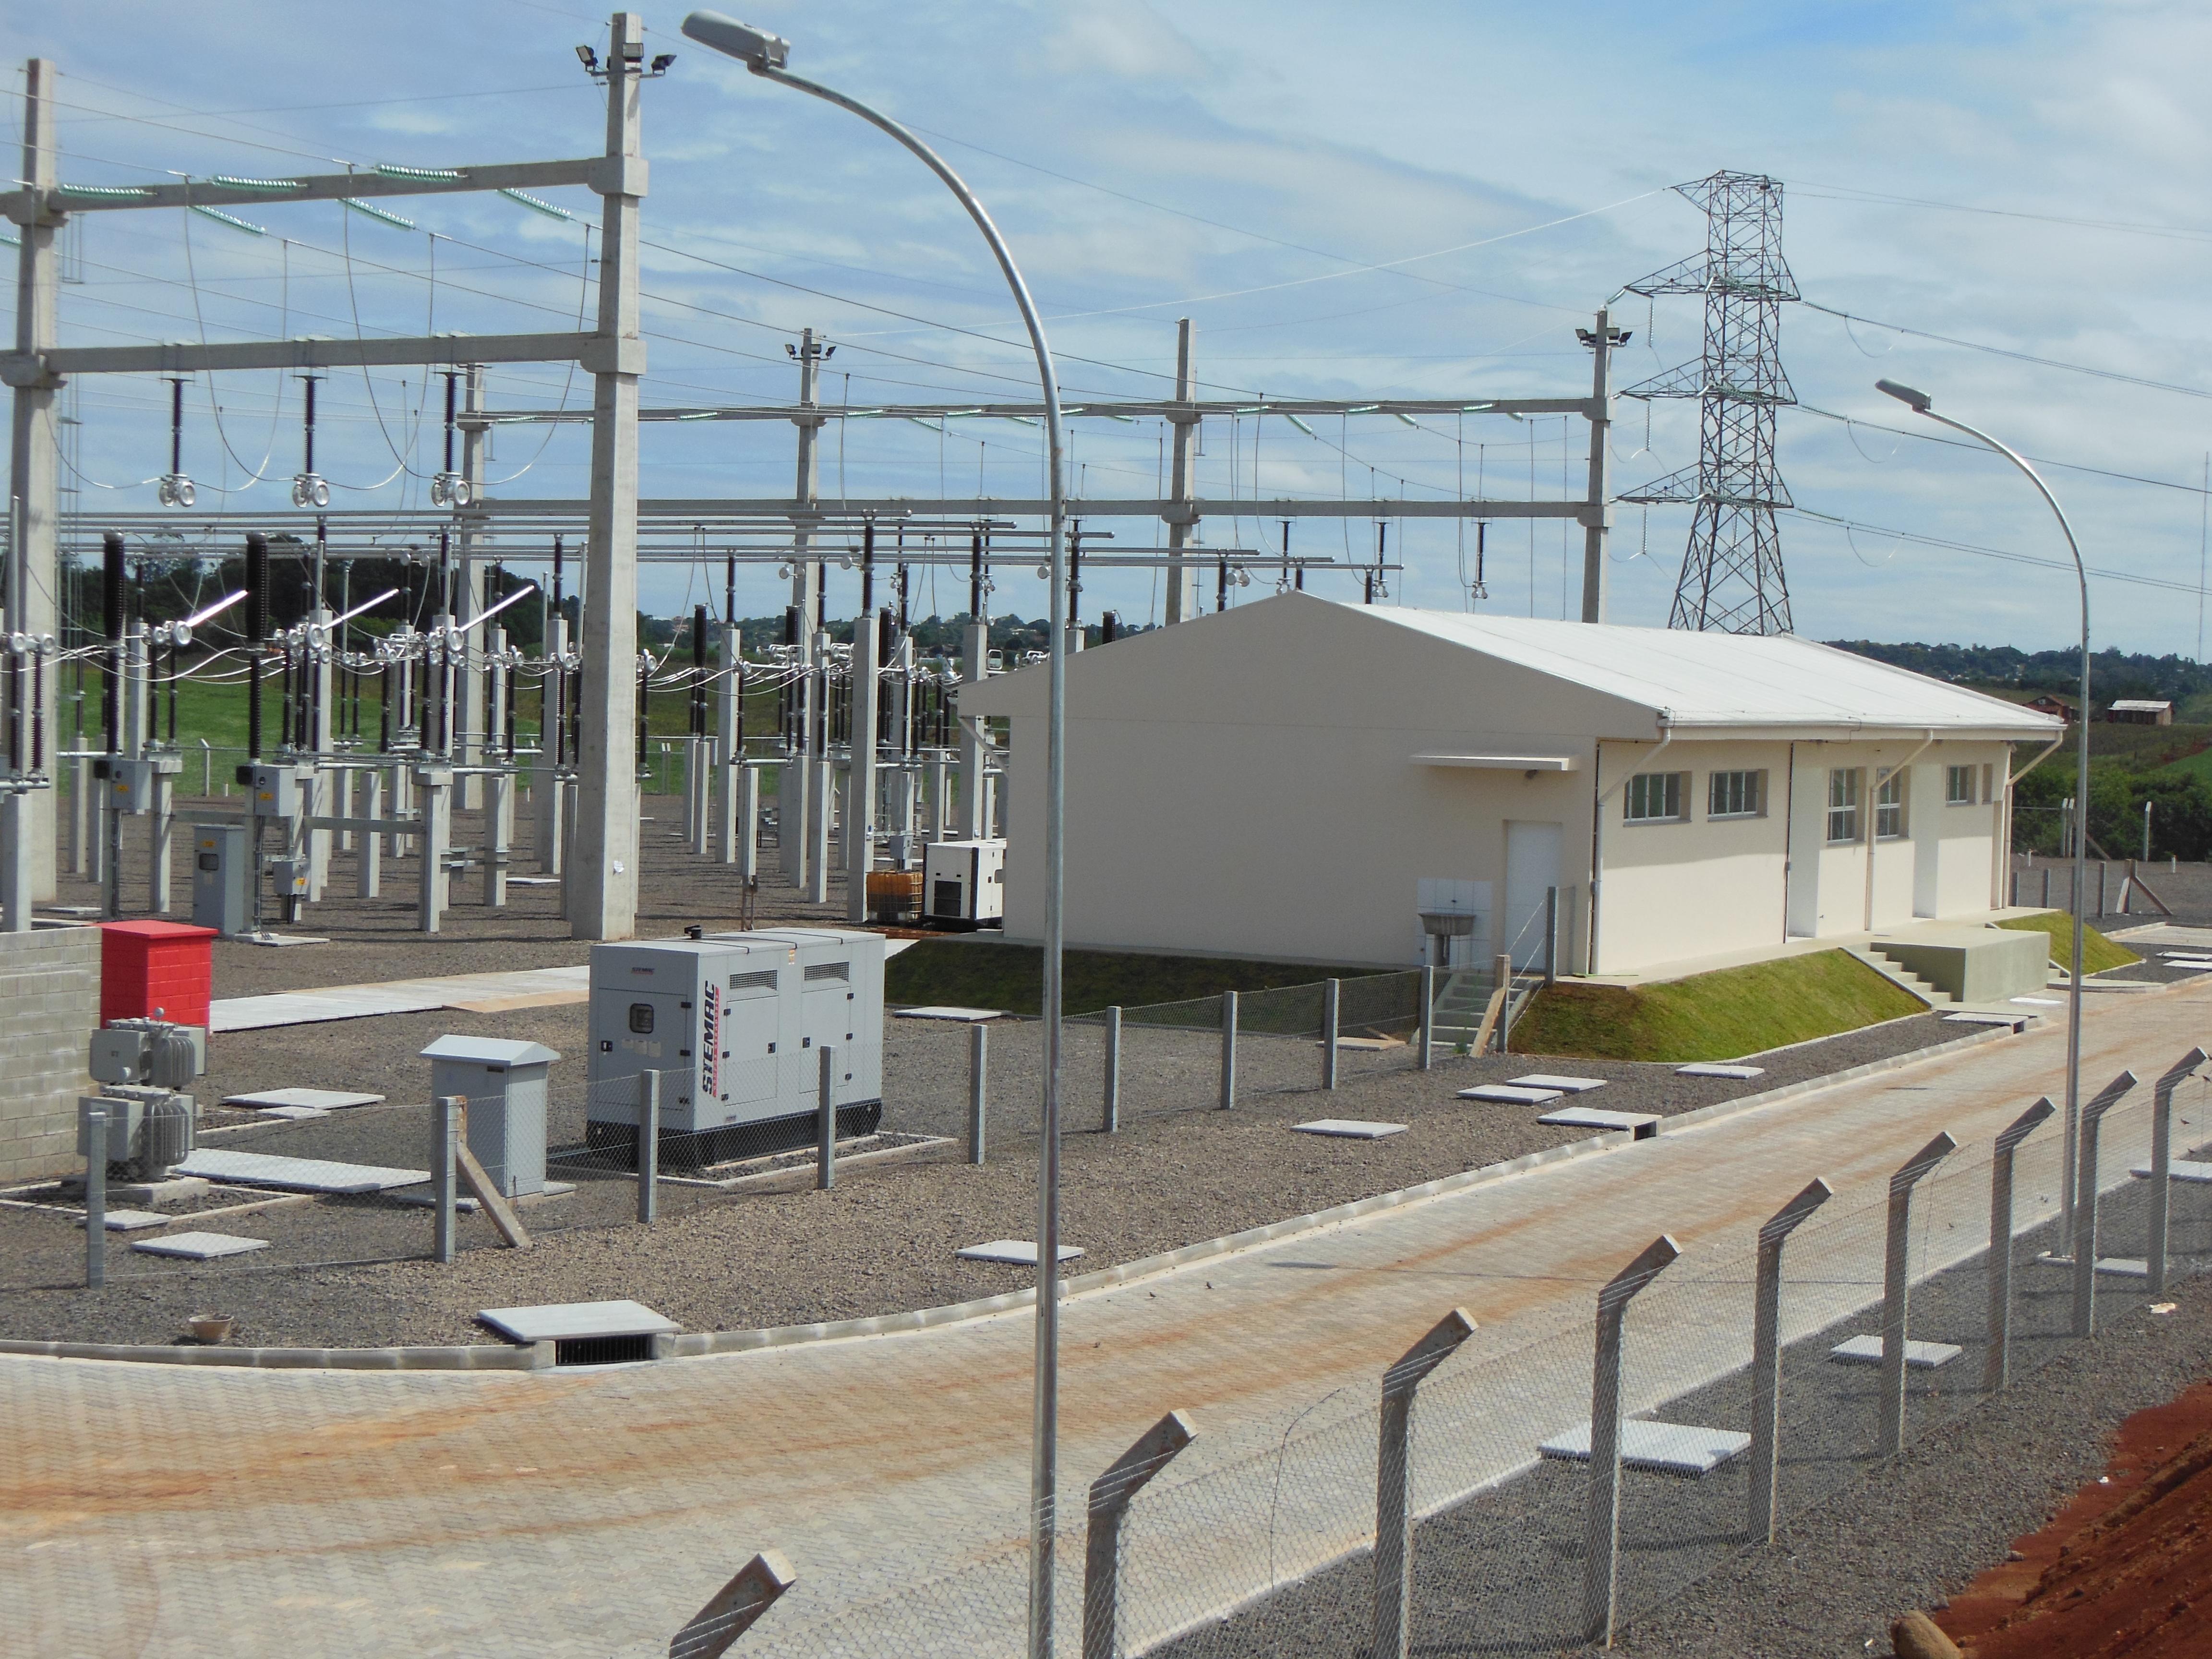 SE Caxias 06 230 kV